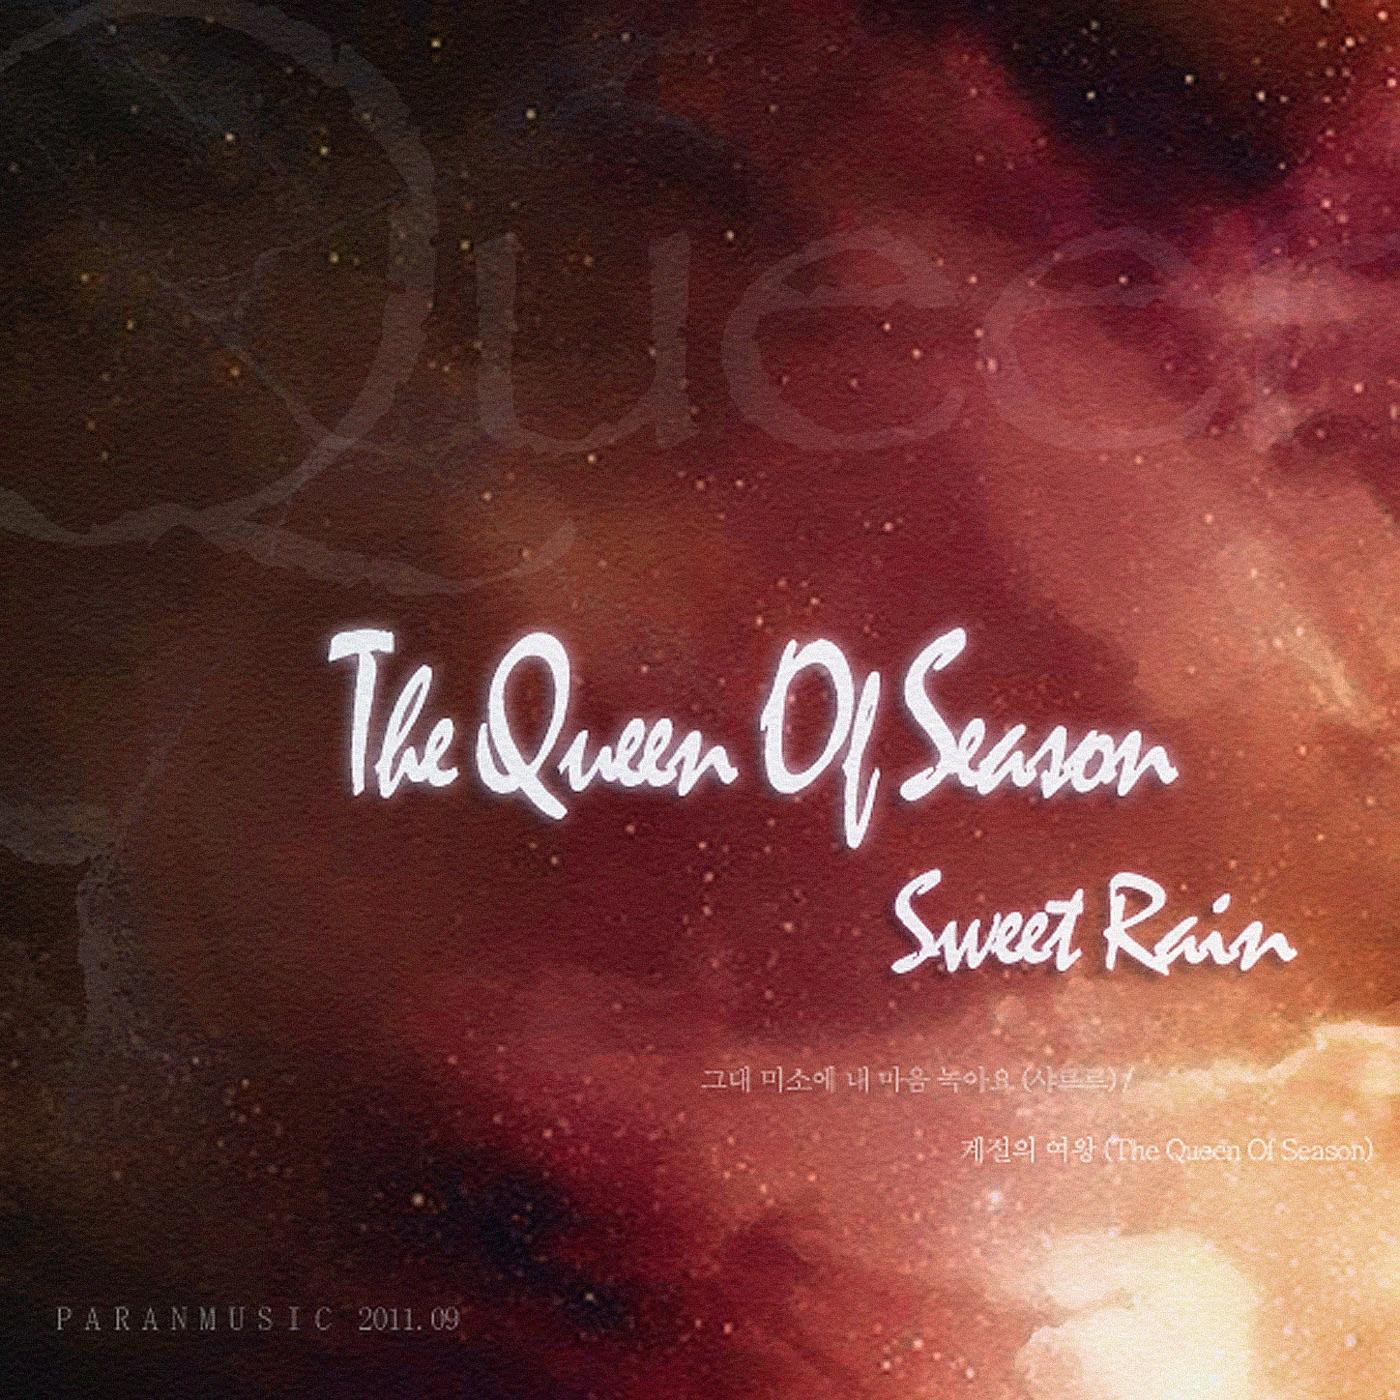 단비 - The Queen of Season - Single